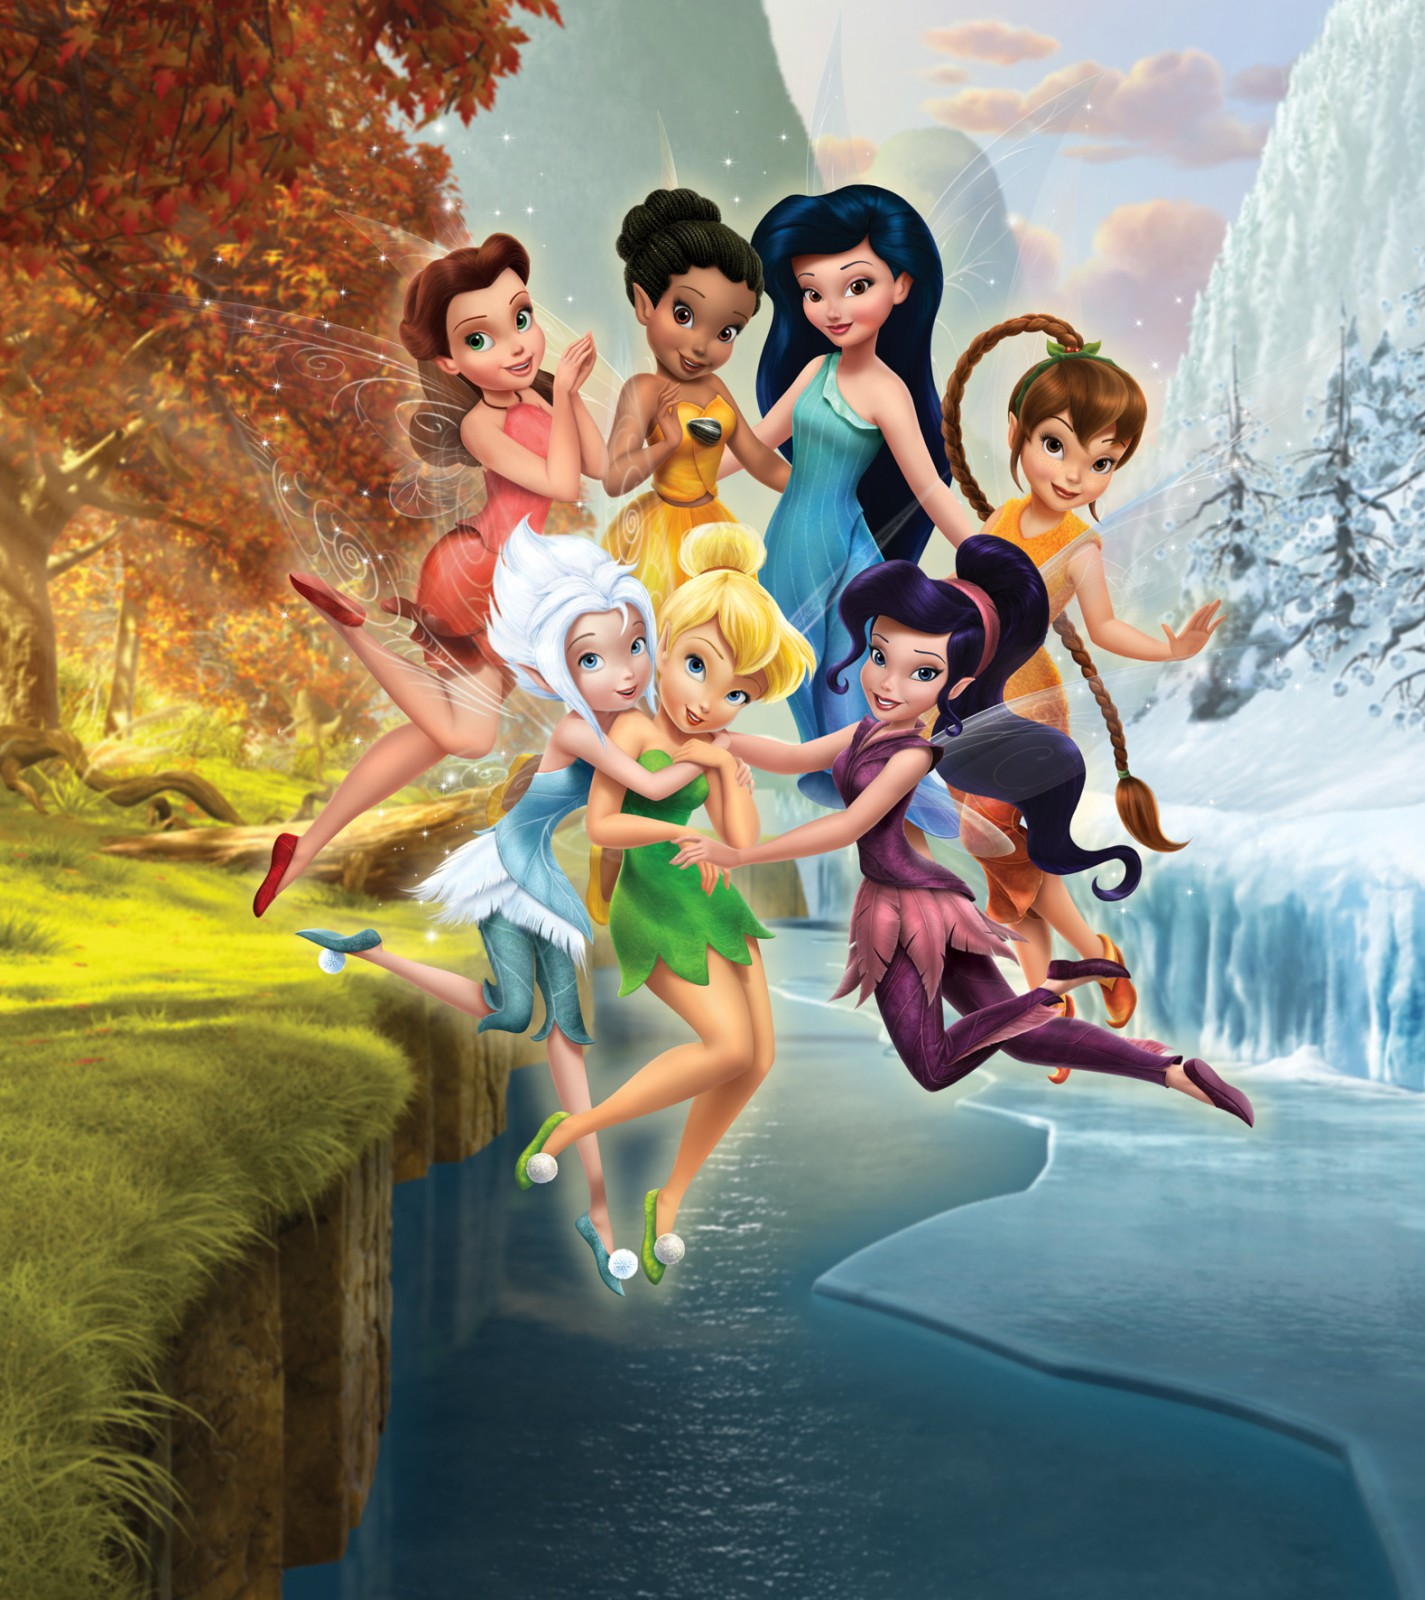 Xxl Photo Wallpaper Disney Fairy Tinkerbell Girls Mural